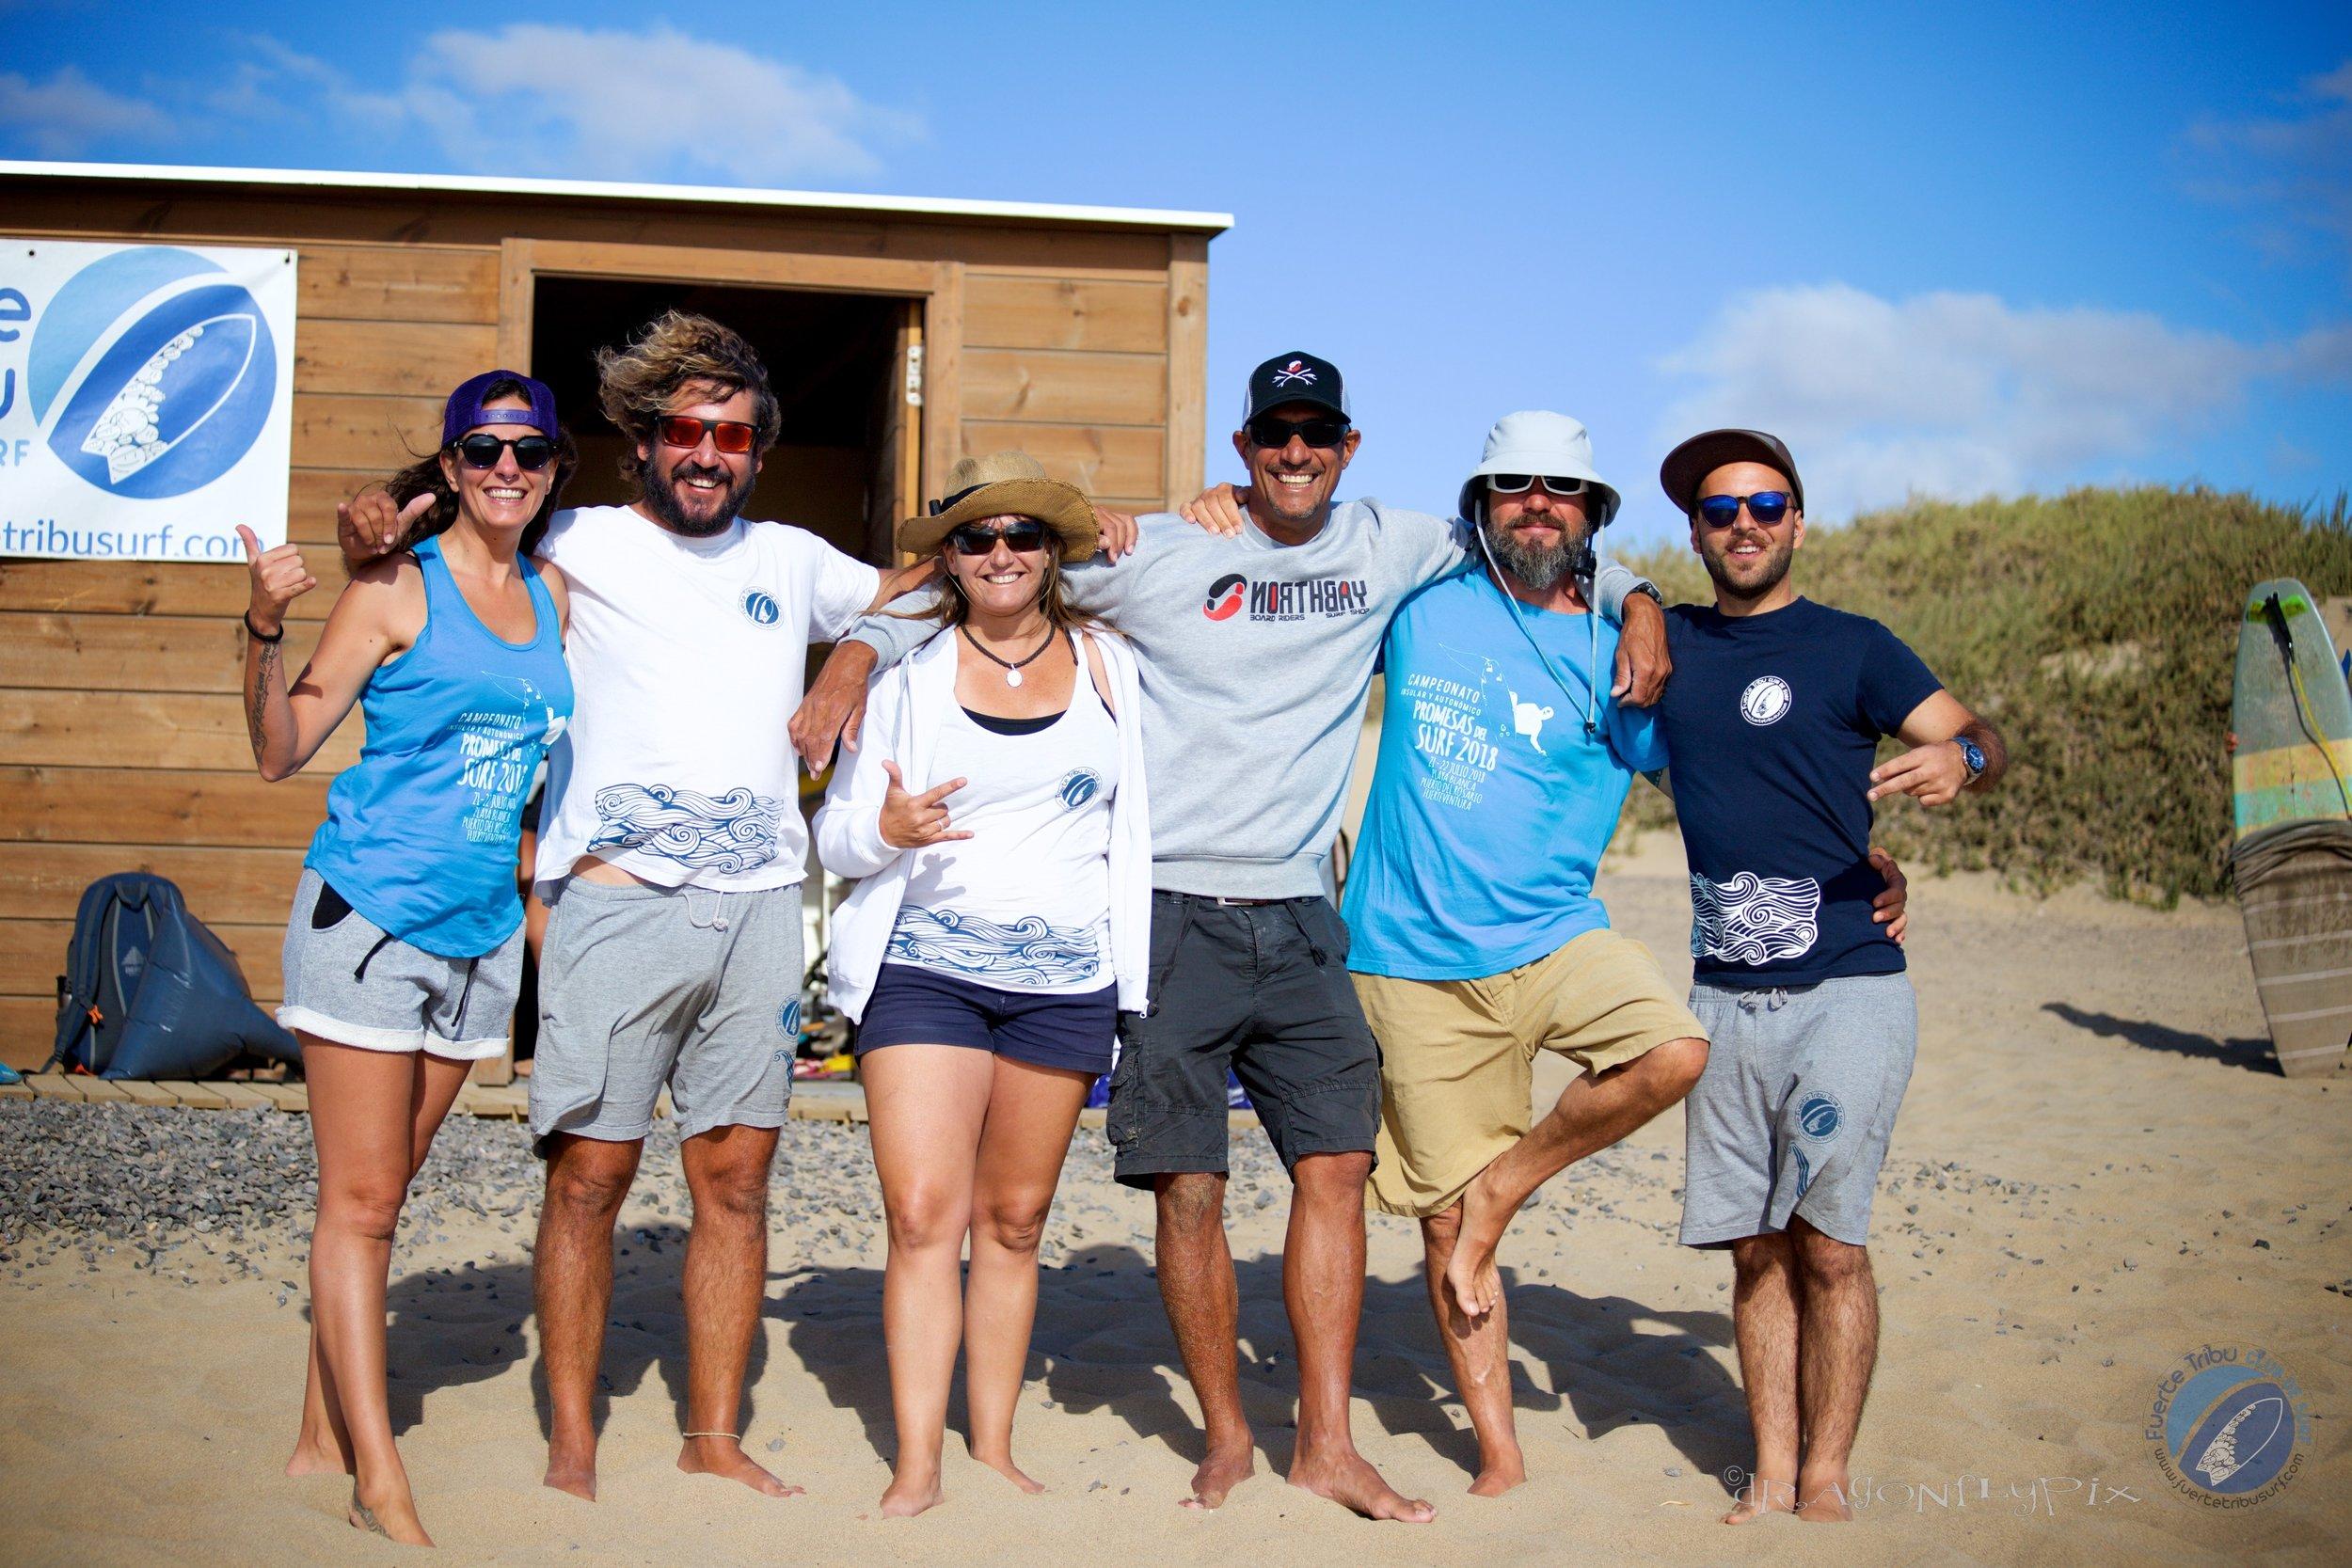 FUERTETRIBU_INTRACLUB_SURF_CAMPEONATO_KIDSIMG_0156.jpg